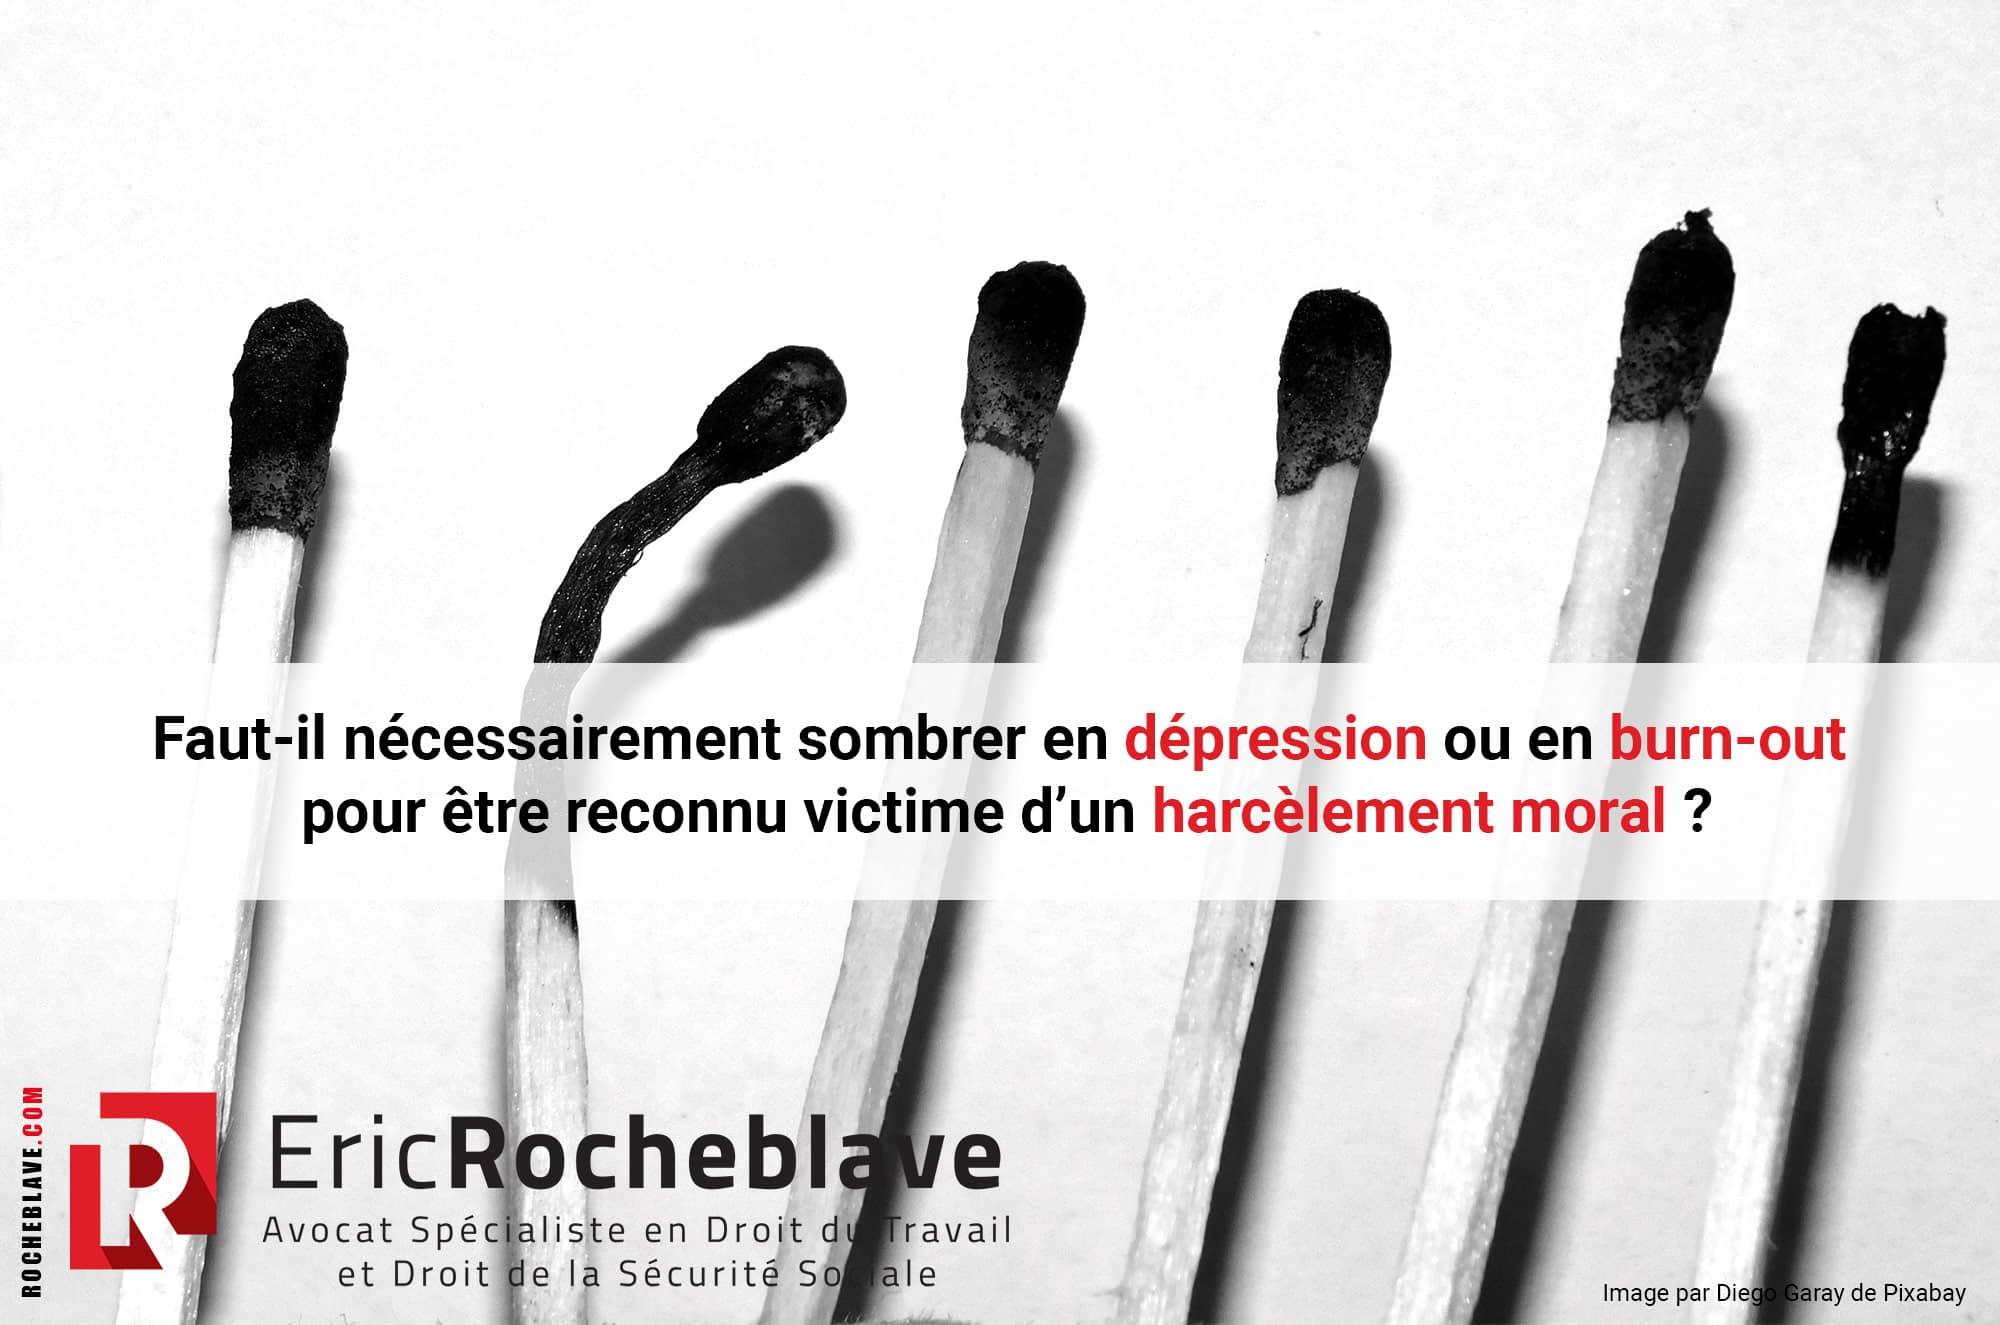 Faut-il nécessairement sombrer en dépression ou en burn-out pour être reconnu victime d'un harcèlement moral ?